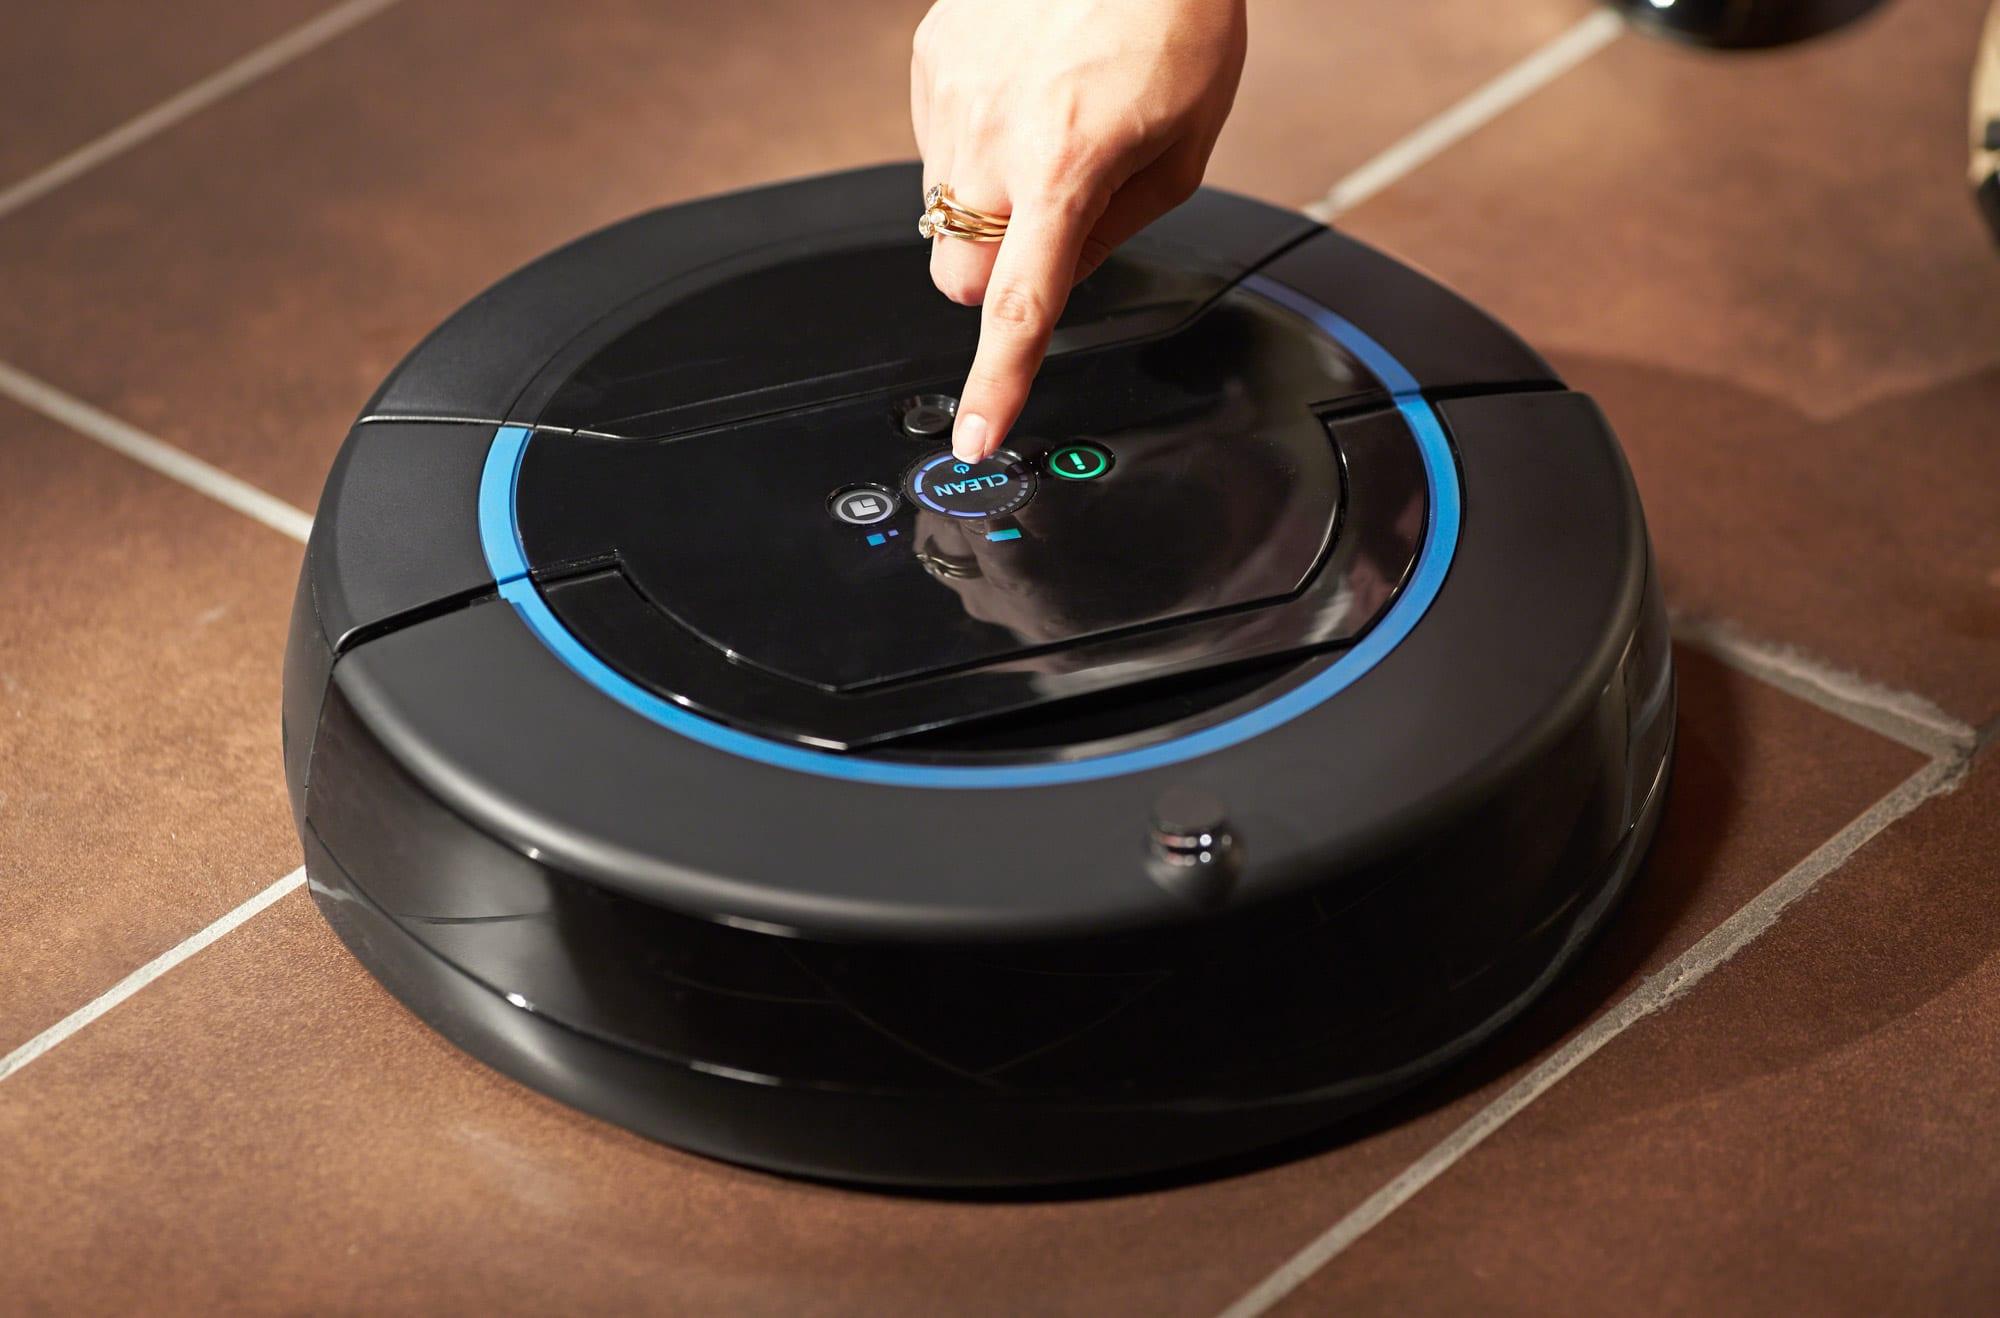 Робот пылесос - рейтинг 2020: отзывы (5 лучших моделей)